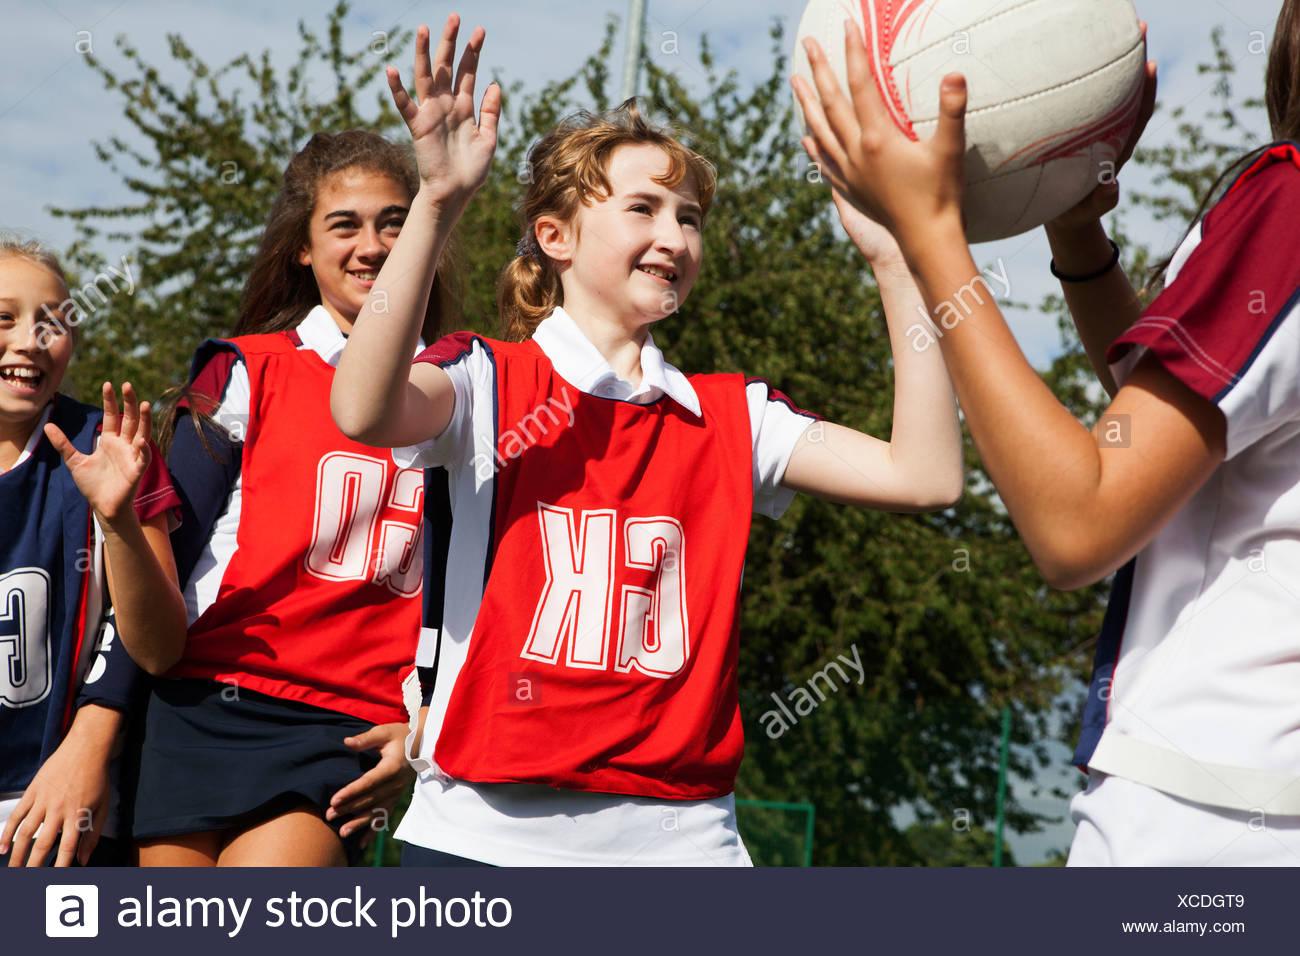 La défense de joueurs netball écolière Photo Stock